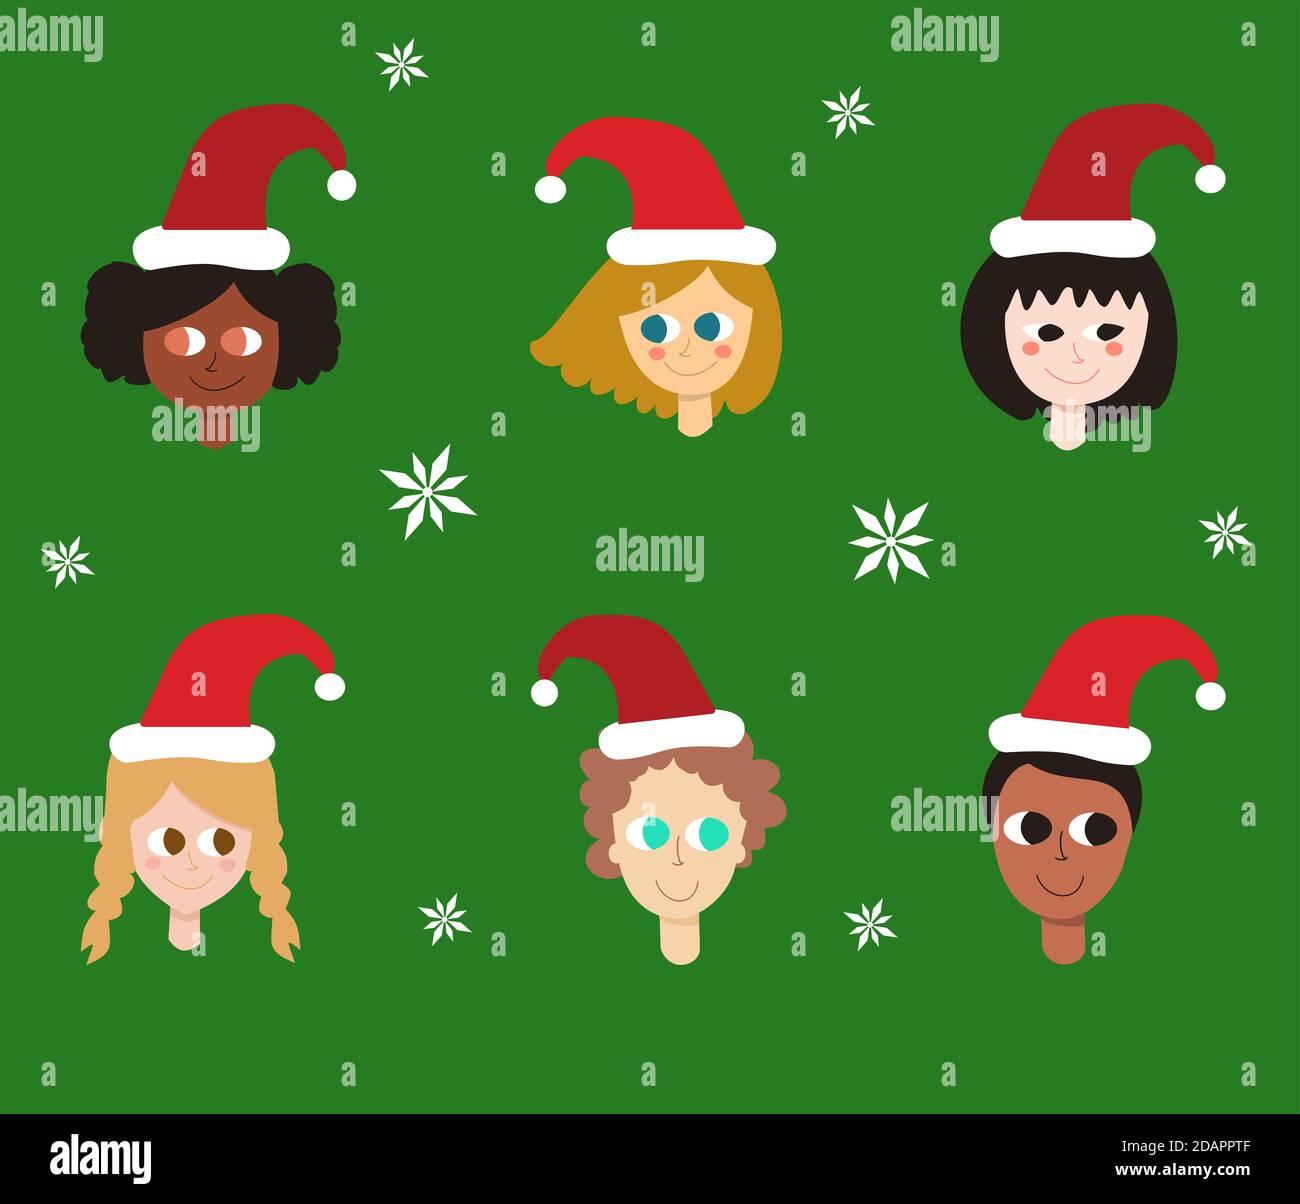 Ilustración de la diversidad de los niños usando sombrero de Navidad. Patrón de Navidad y fondo para niños Foto de stock